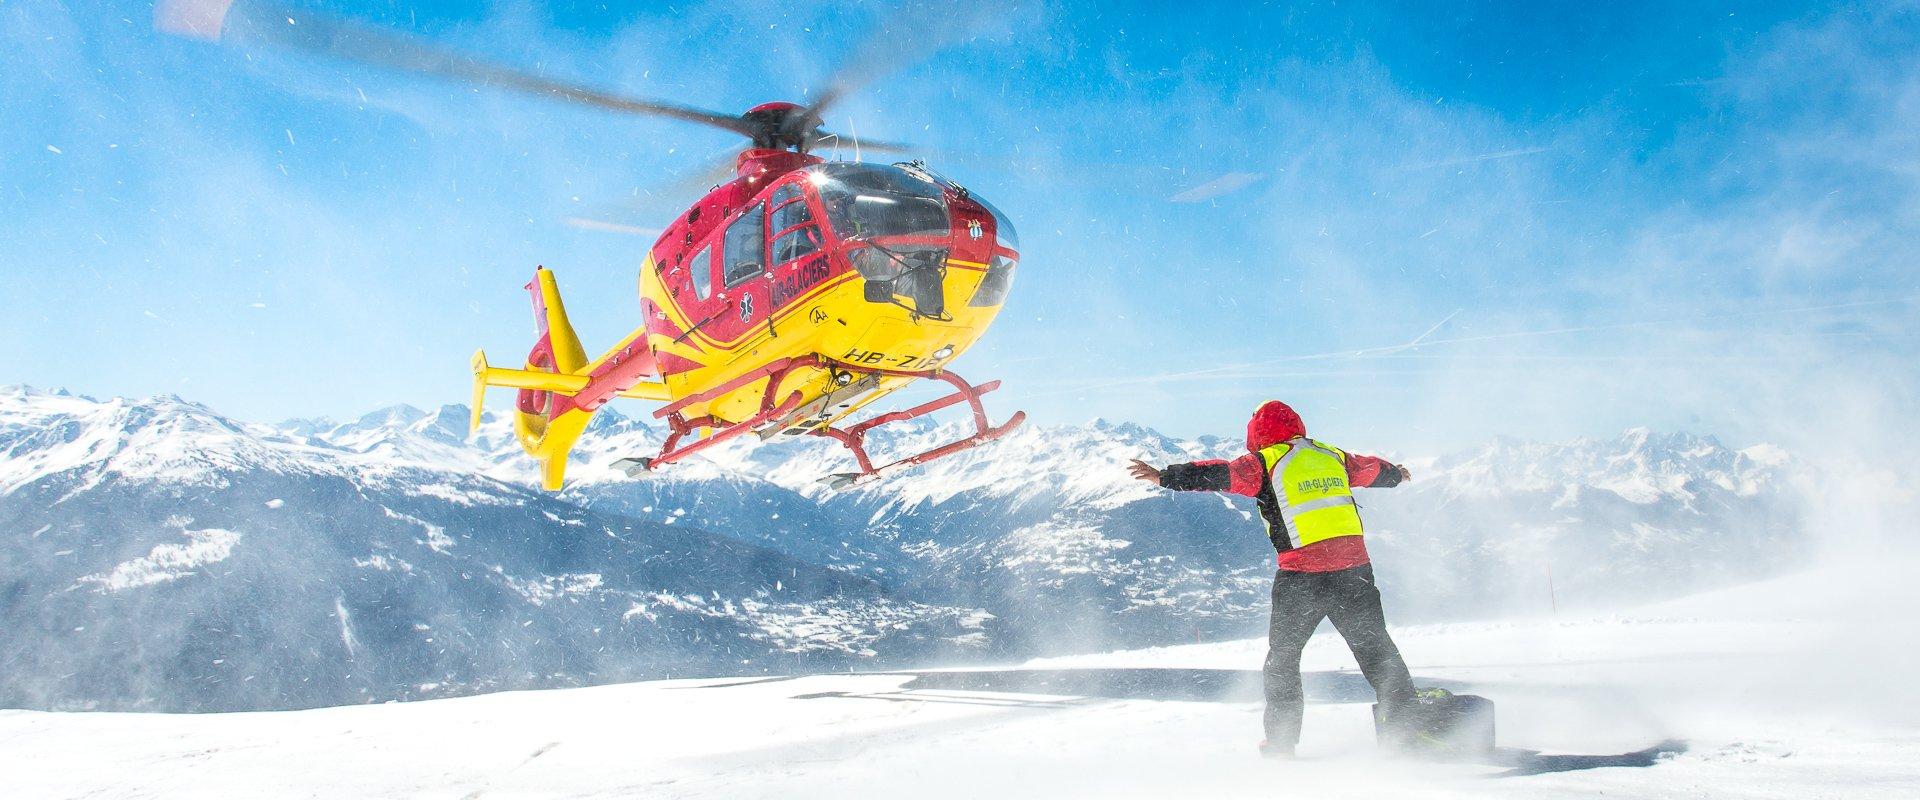 HB-ZIR Rescue